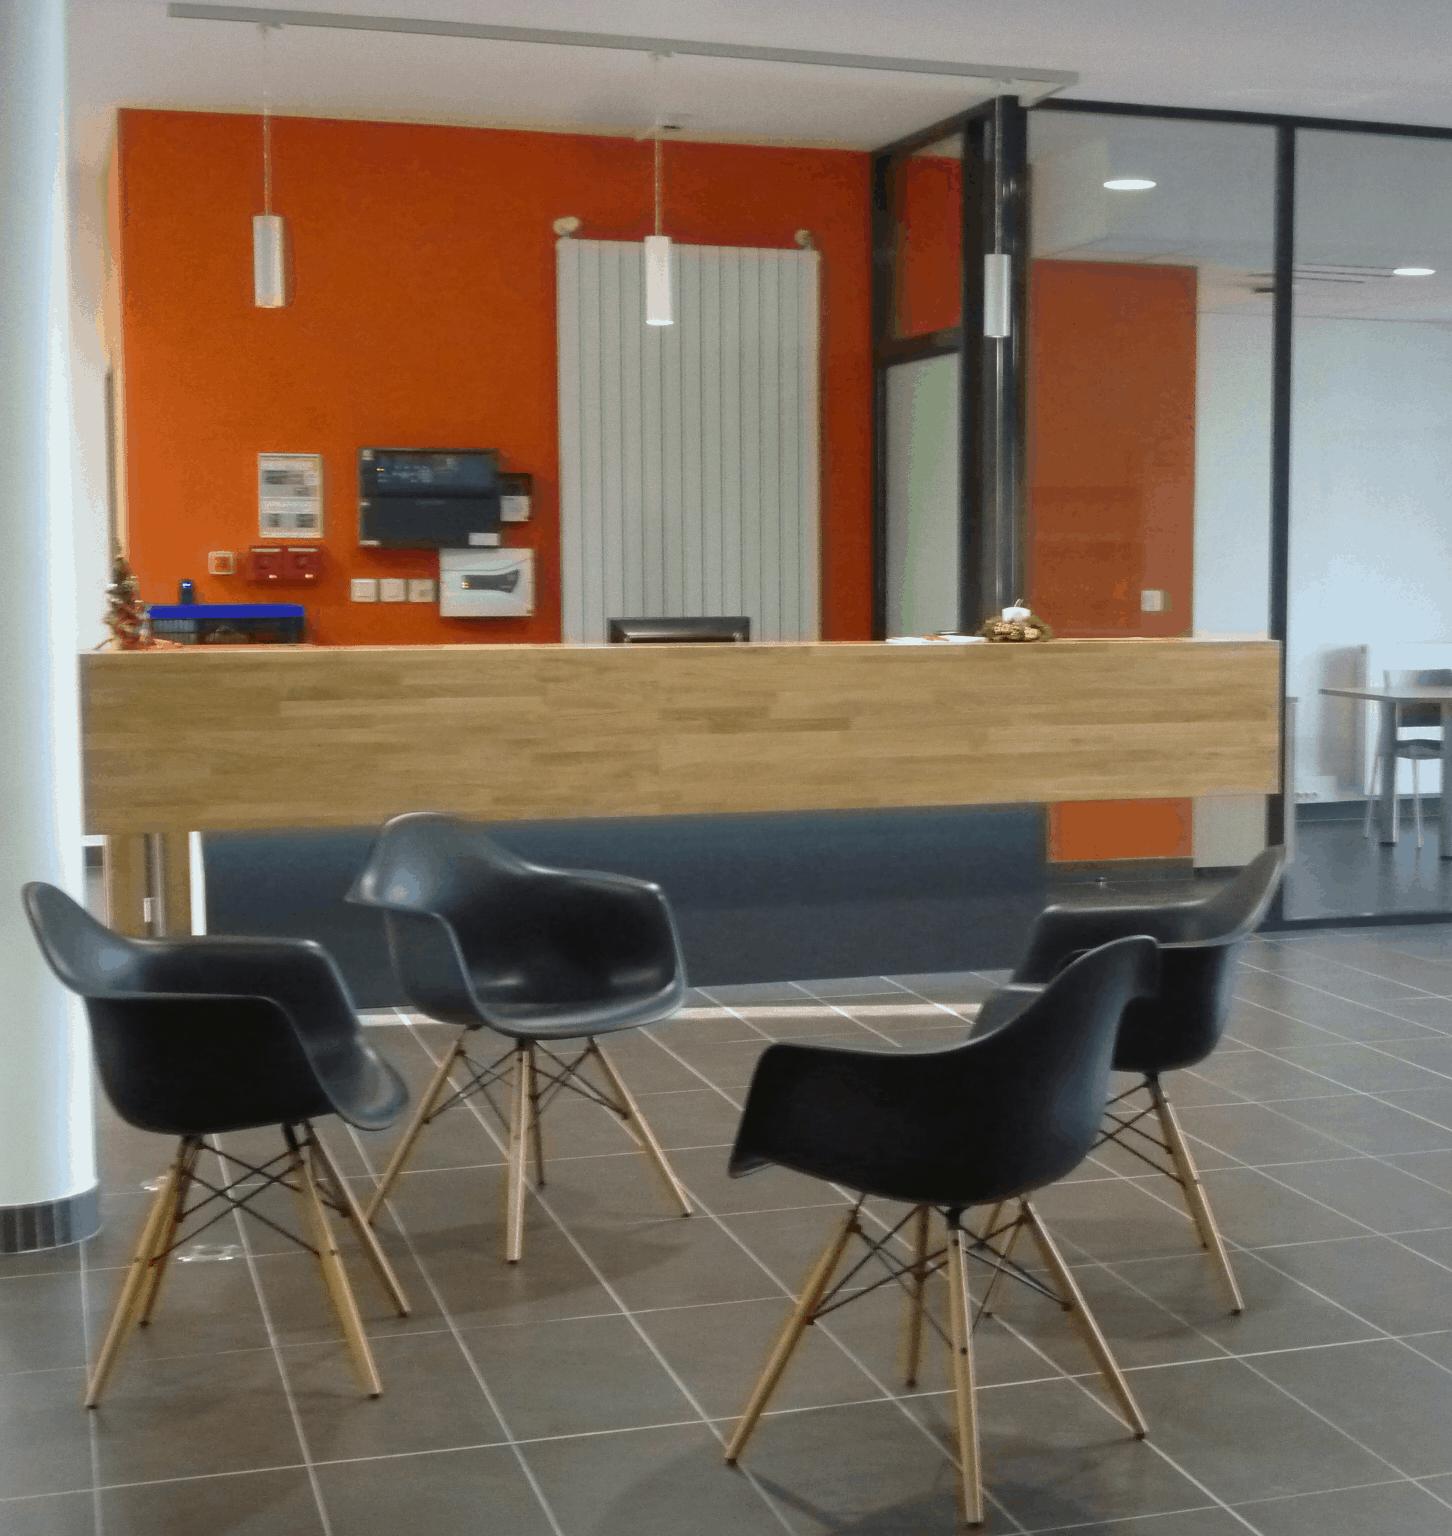 Vestiaires industriels, équipement mobilier à L'Installation de Panneaux acoustiques Saint-Lo (Manche en Normandie)(Orne-Normandie)